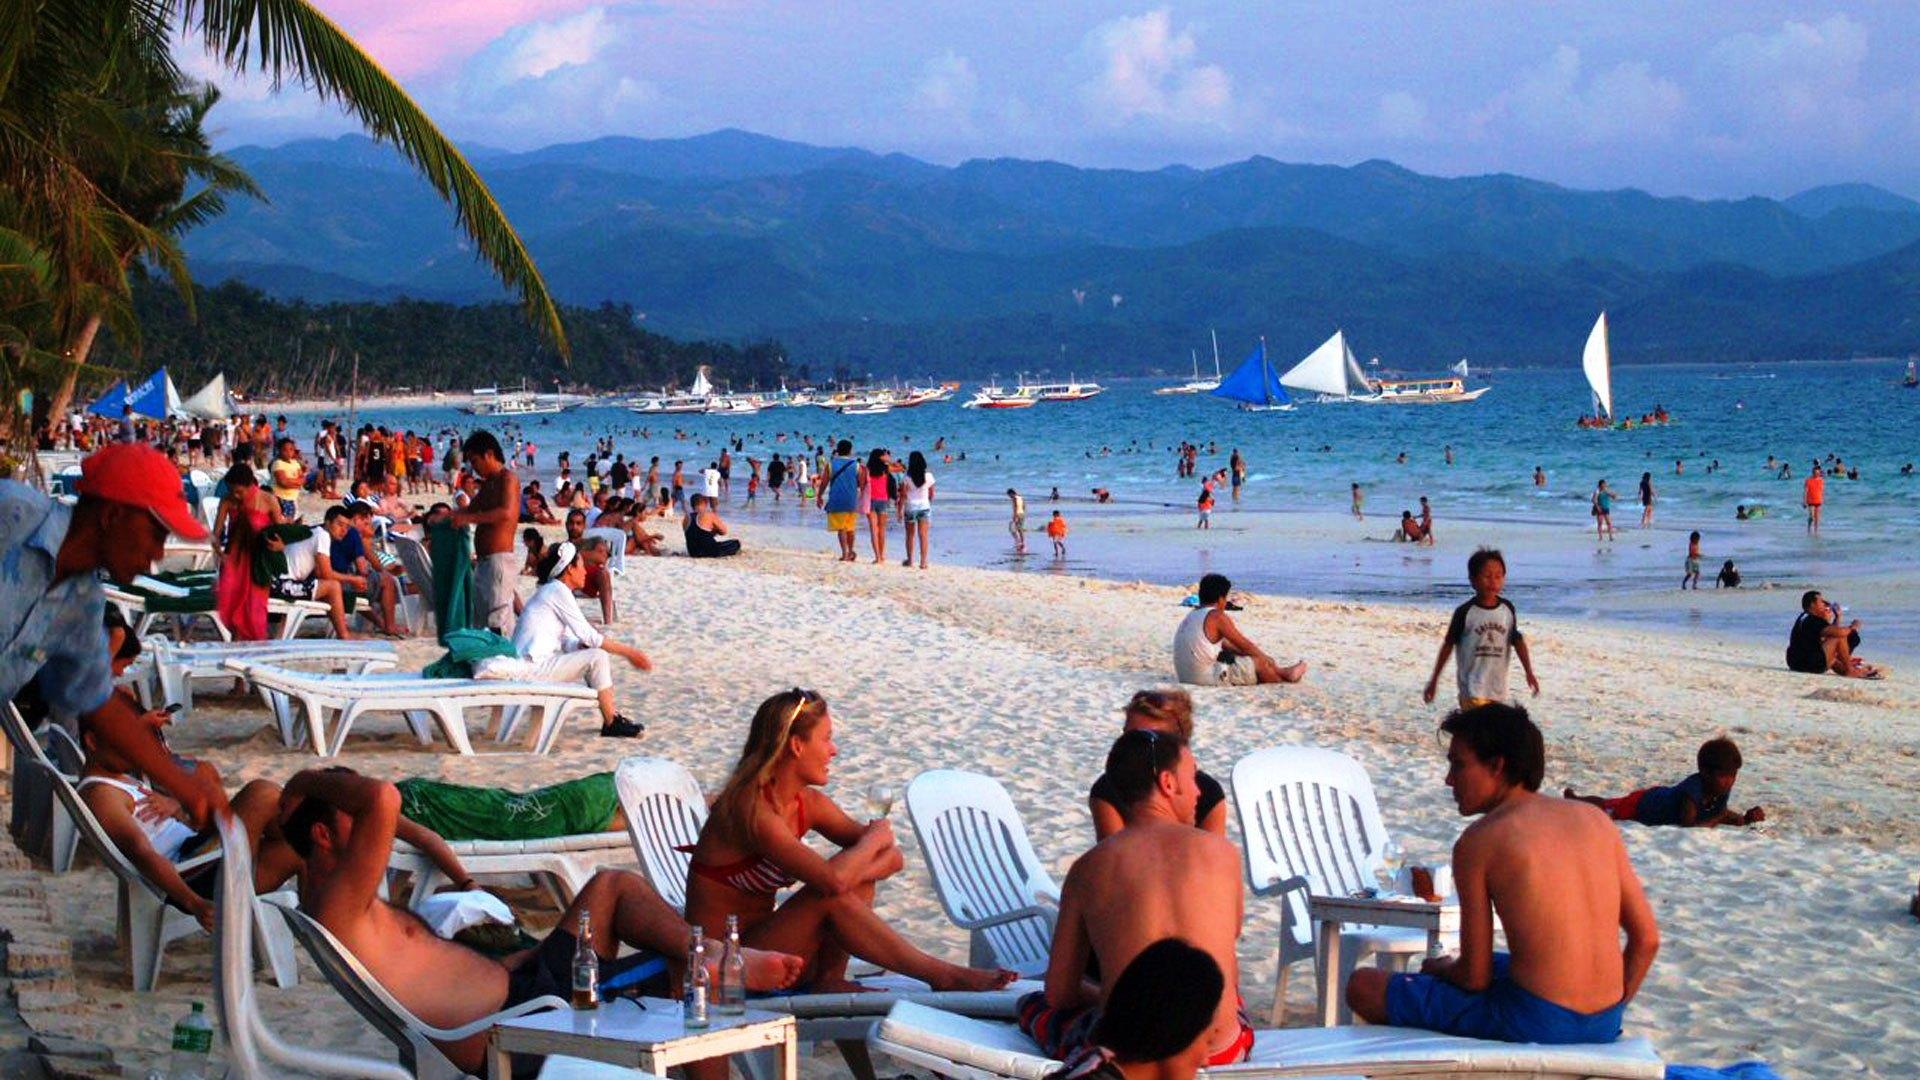 Những địa điểm bãi biển hấp dẫn trong tour Thái Lan – Pattaya